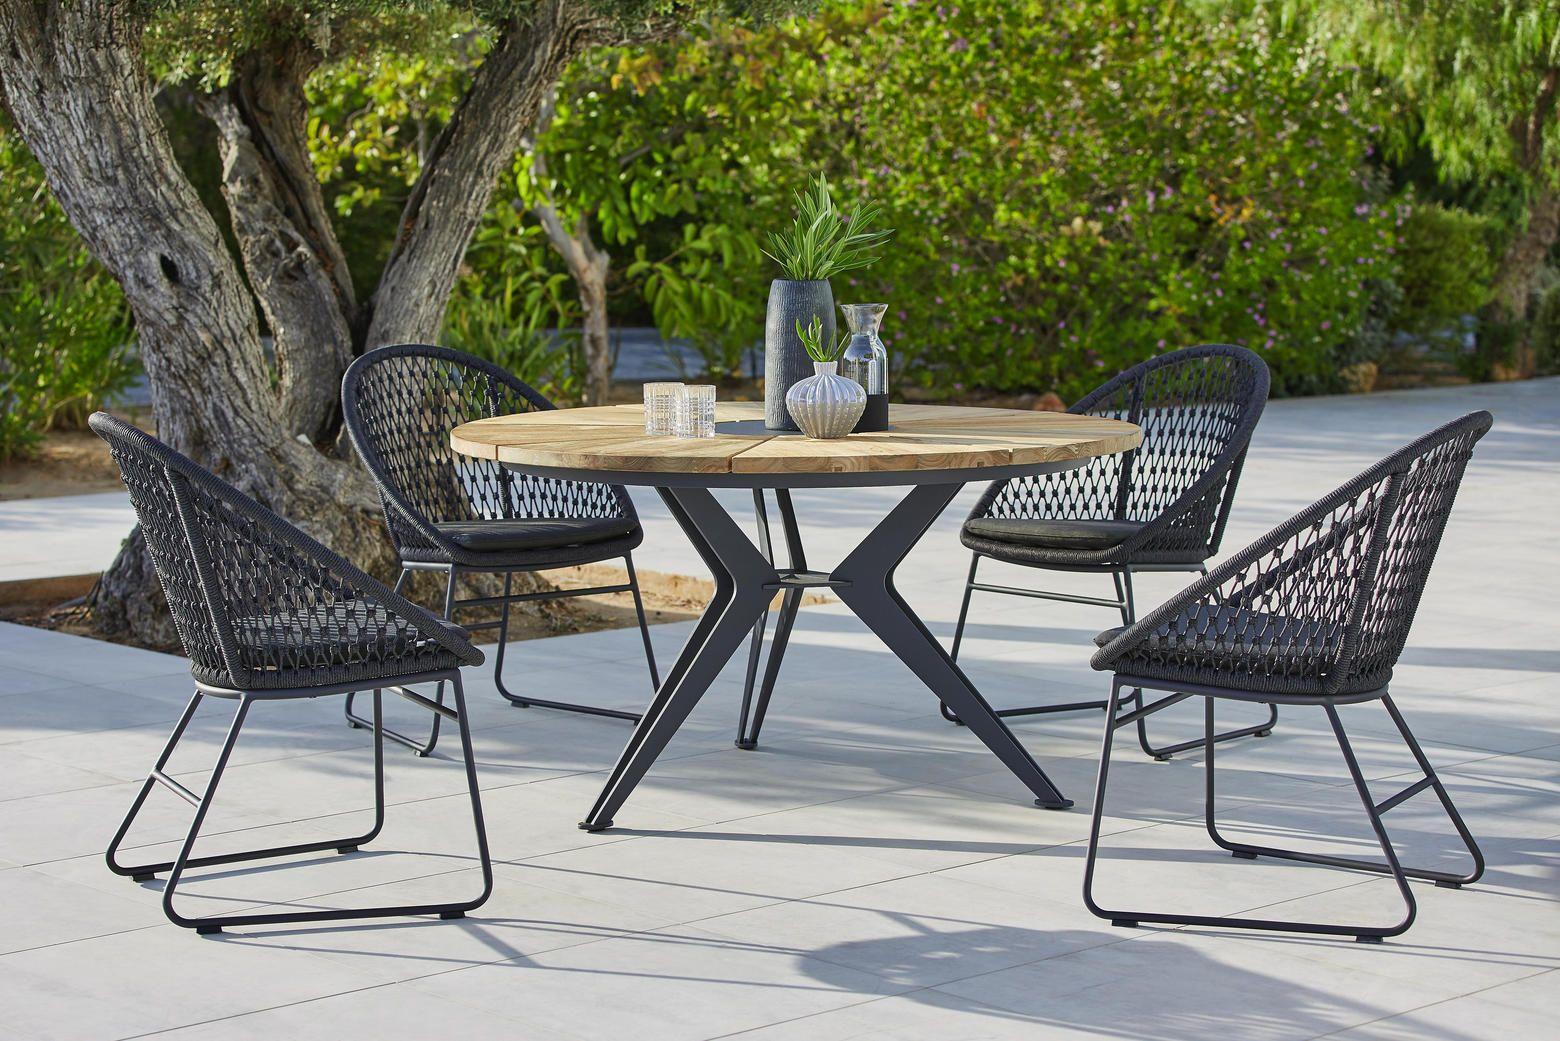 Gartentisch 140 76 Cm Gartentisch Rund Holz Gartentisch Und